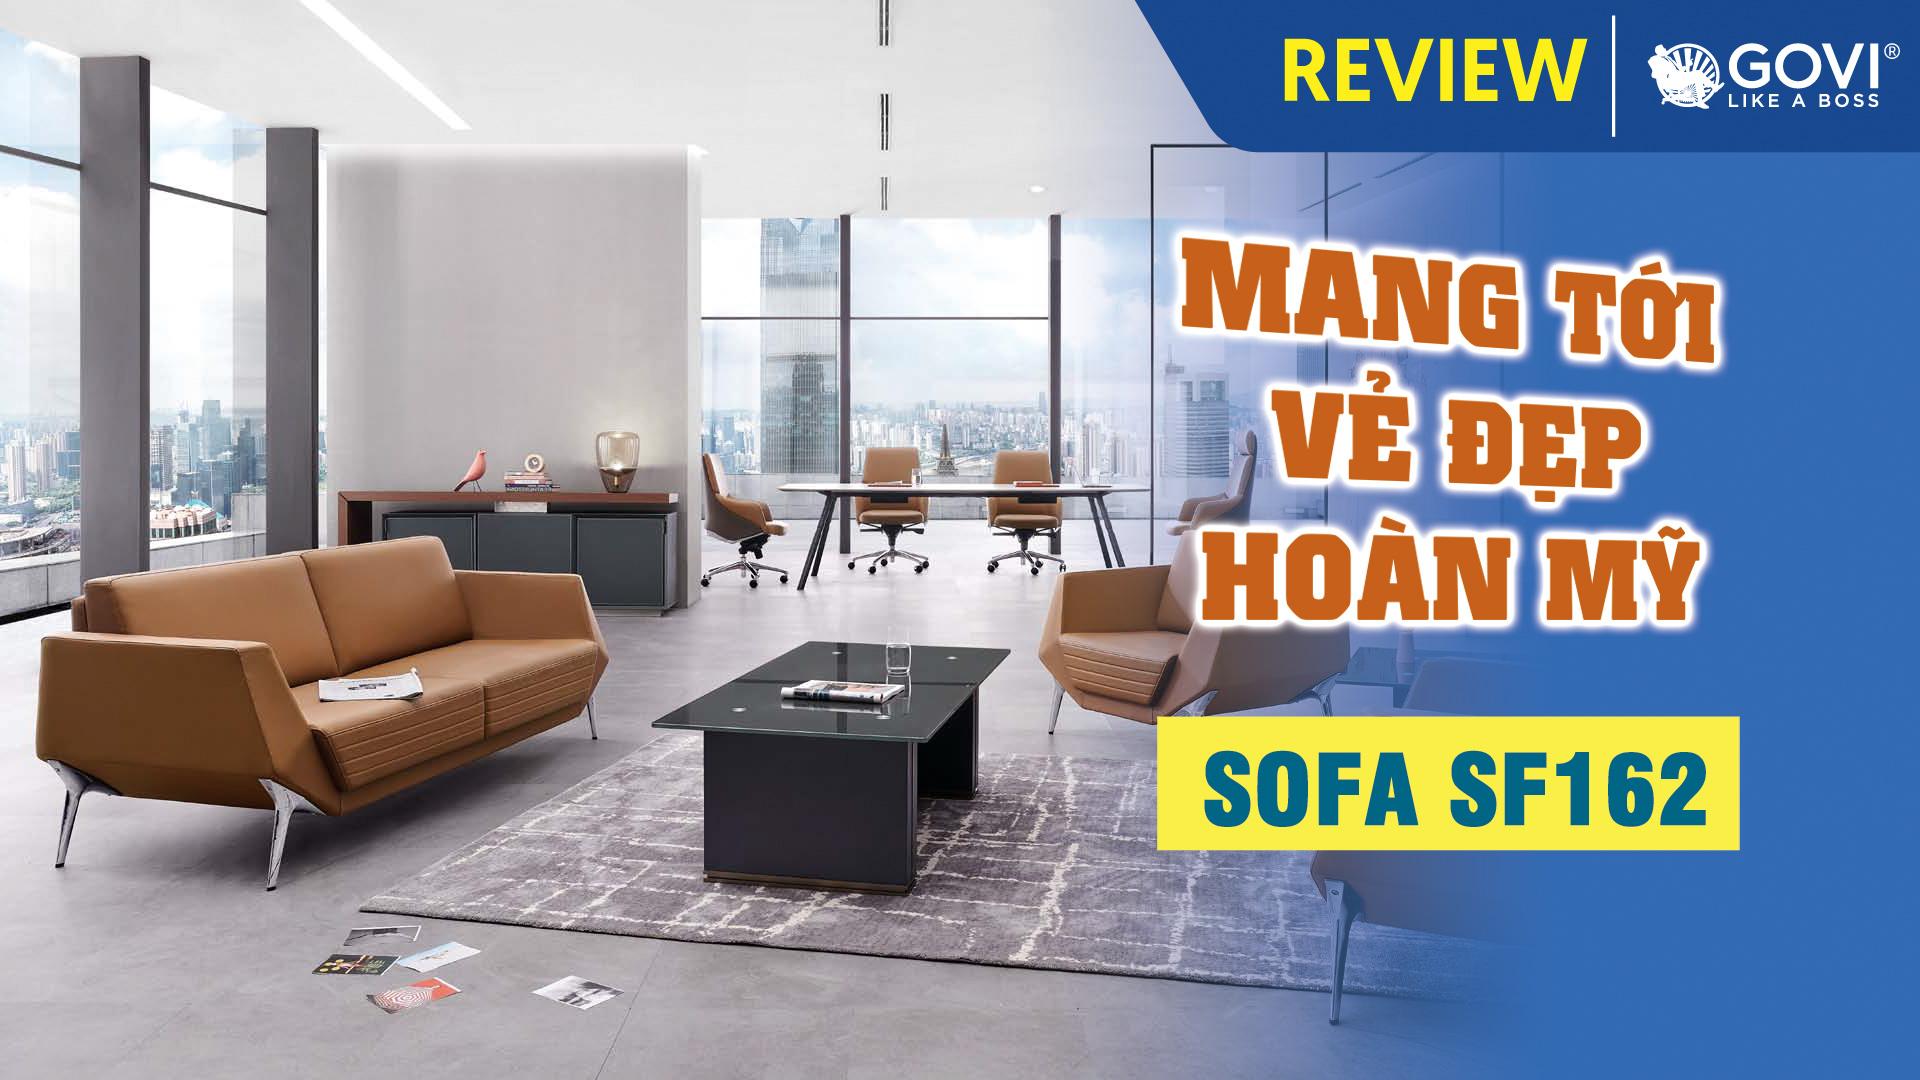 Sofa Da Cao Cấp SF162 – Mang Tới Vẻ Đẹp Hoàn Mỹ Cho Không Gian Văn Phòng